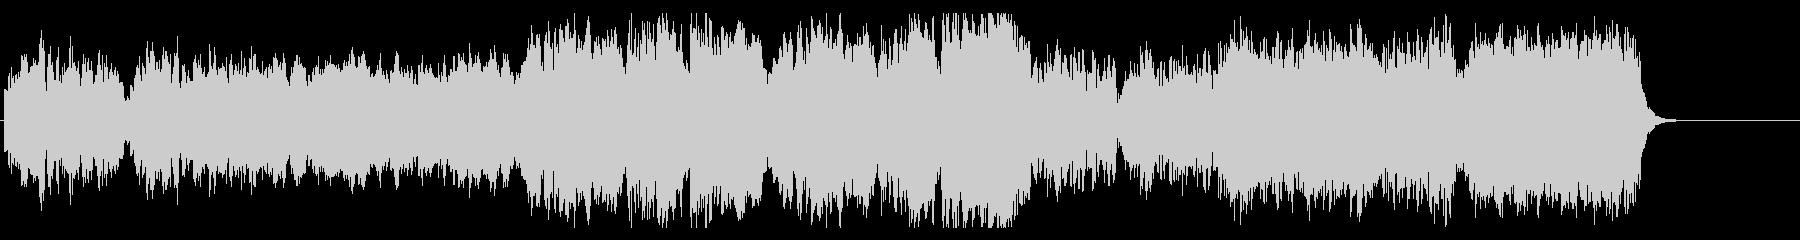 神聖な雰囲気のオーケストラBGMの未再生の波形